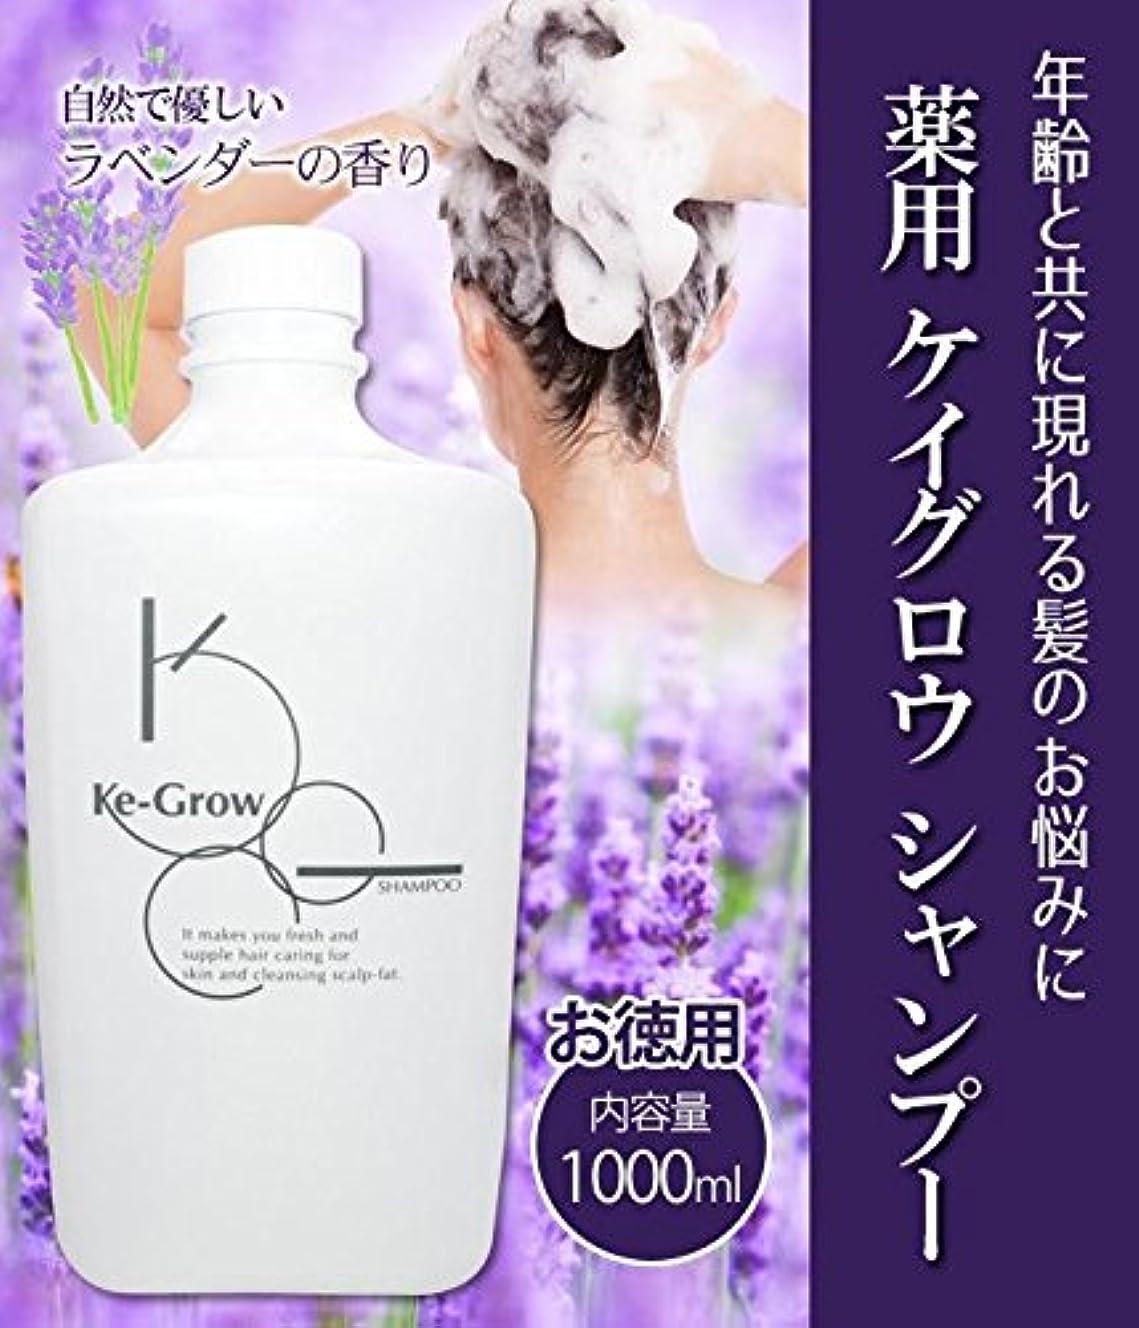 ウール上測る薬用 ケイグロウ シャンプー お徳用 1000ml(詰替用)